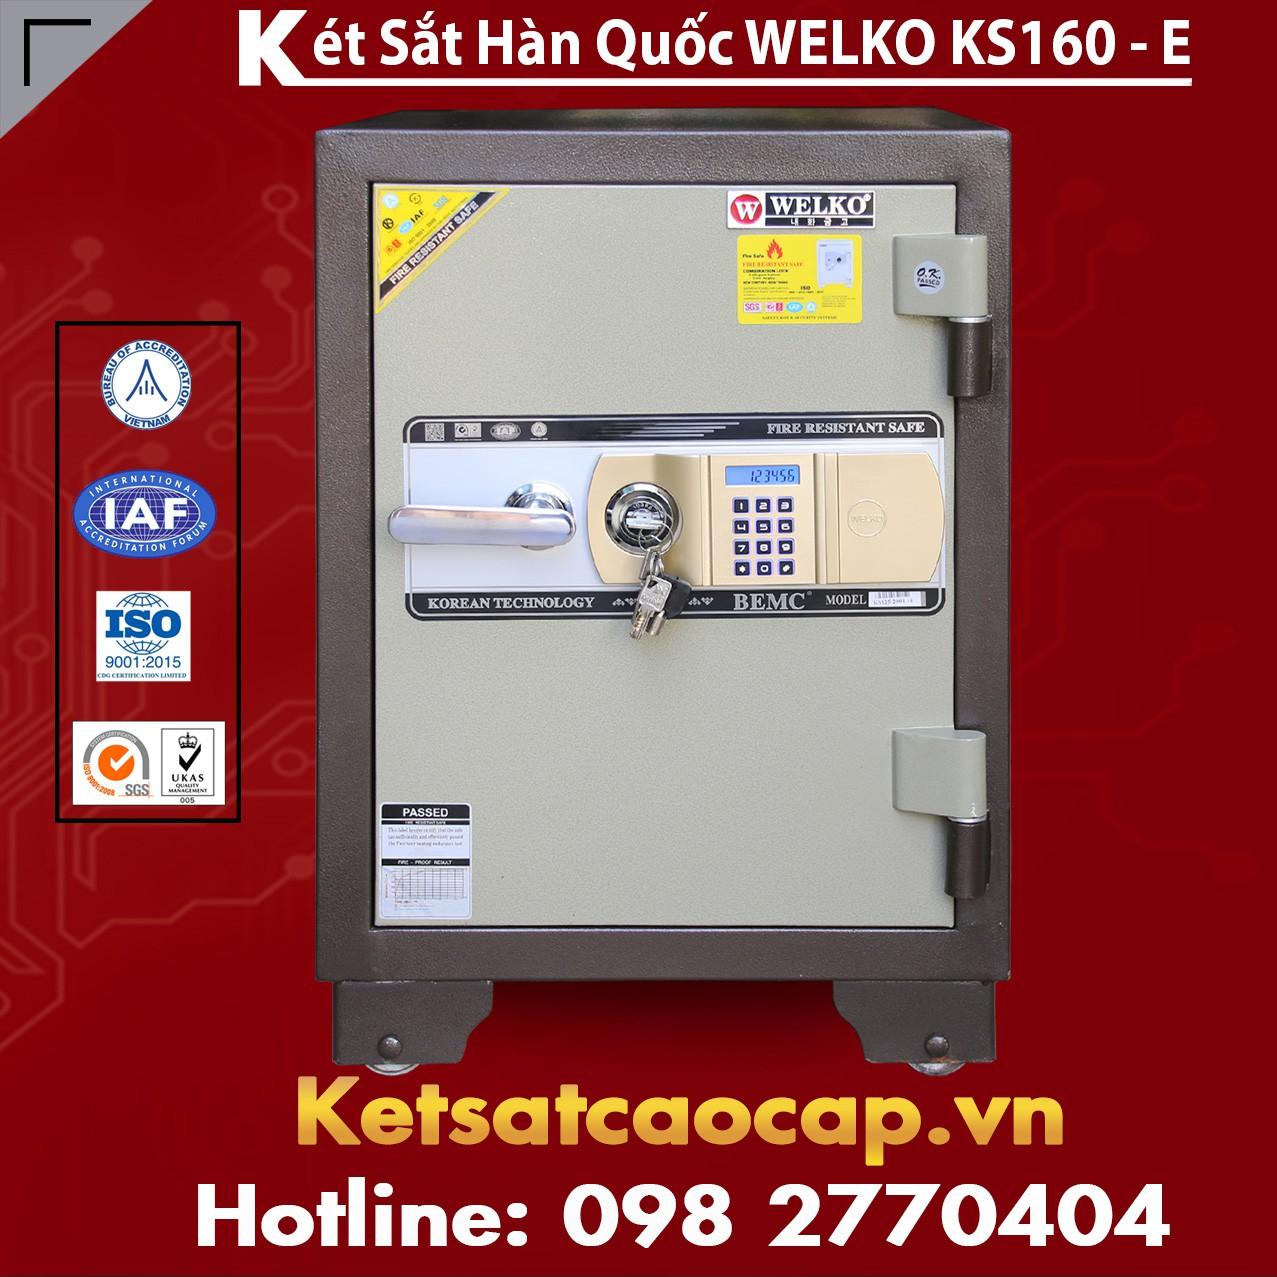 Két Sắt Văn Phòng WELKO KS160 Brown - E Gold